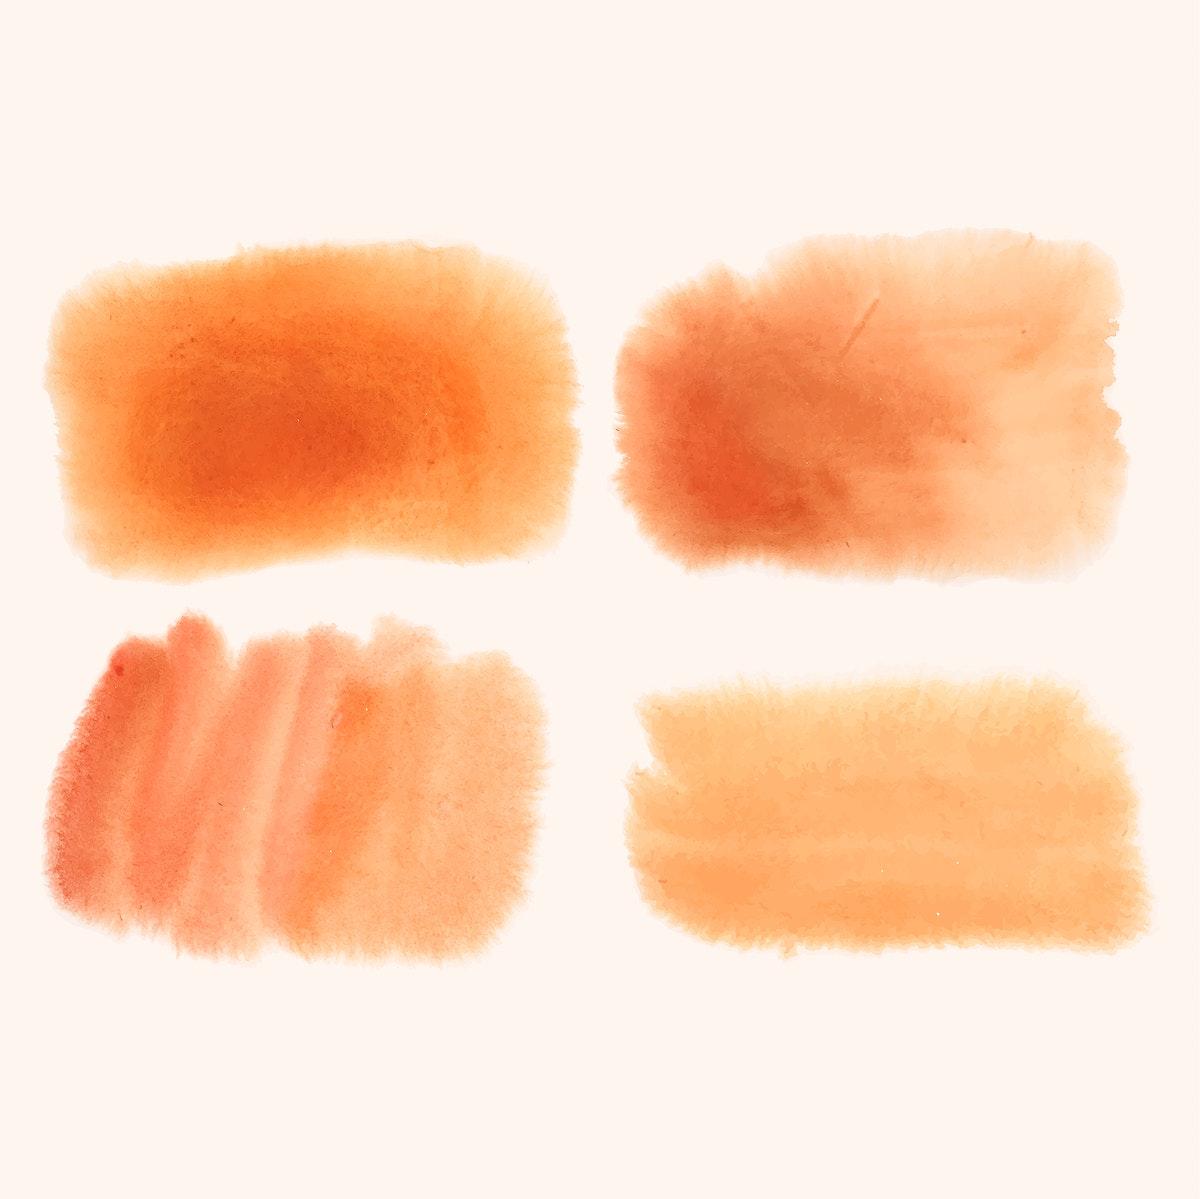 Orange watercolor banner vector set